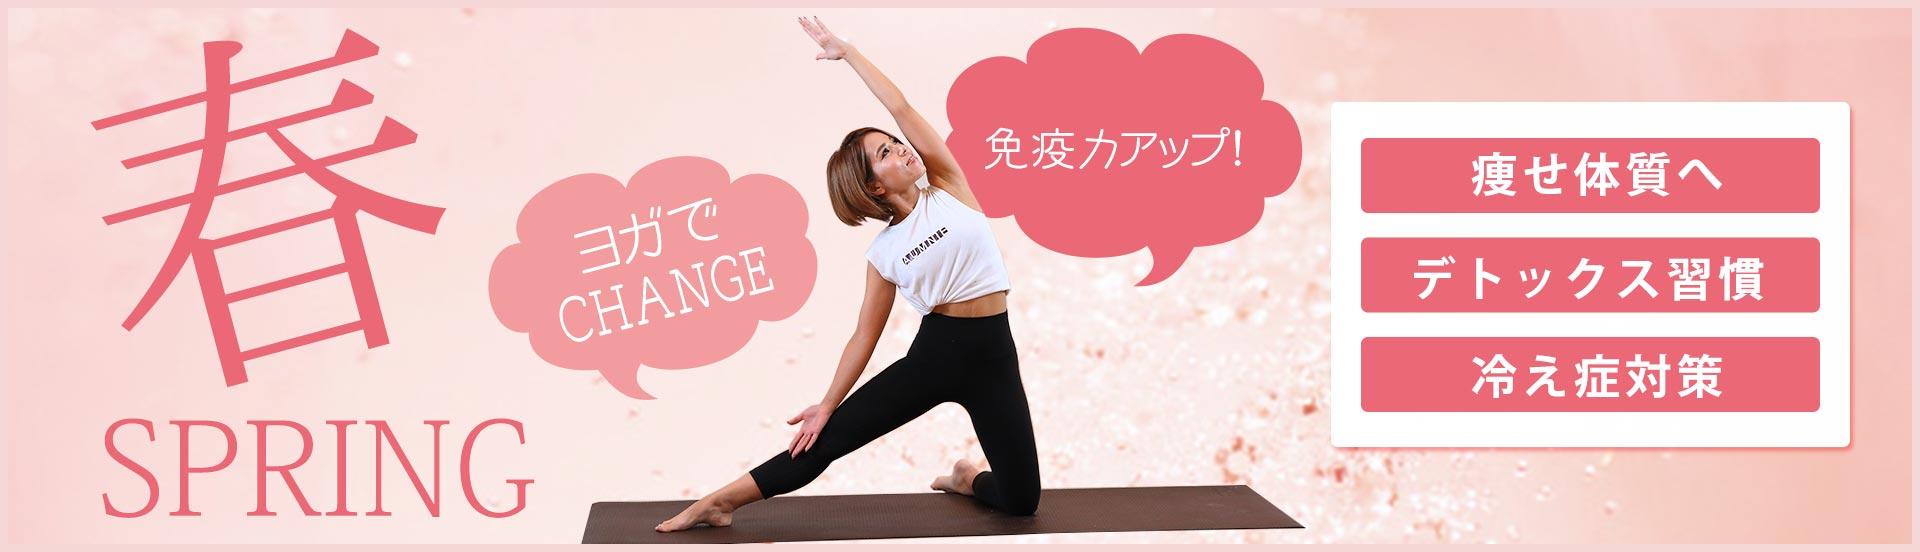 春 ヨガでCHANGE 免疫力アップ! 痩せ体質へ・デトックス習慣・冷え性対策